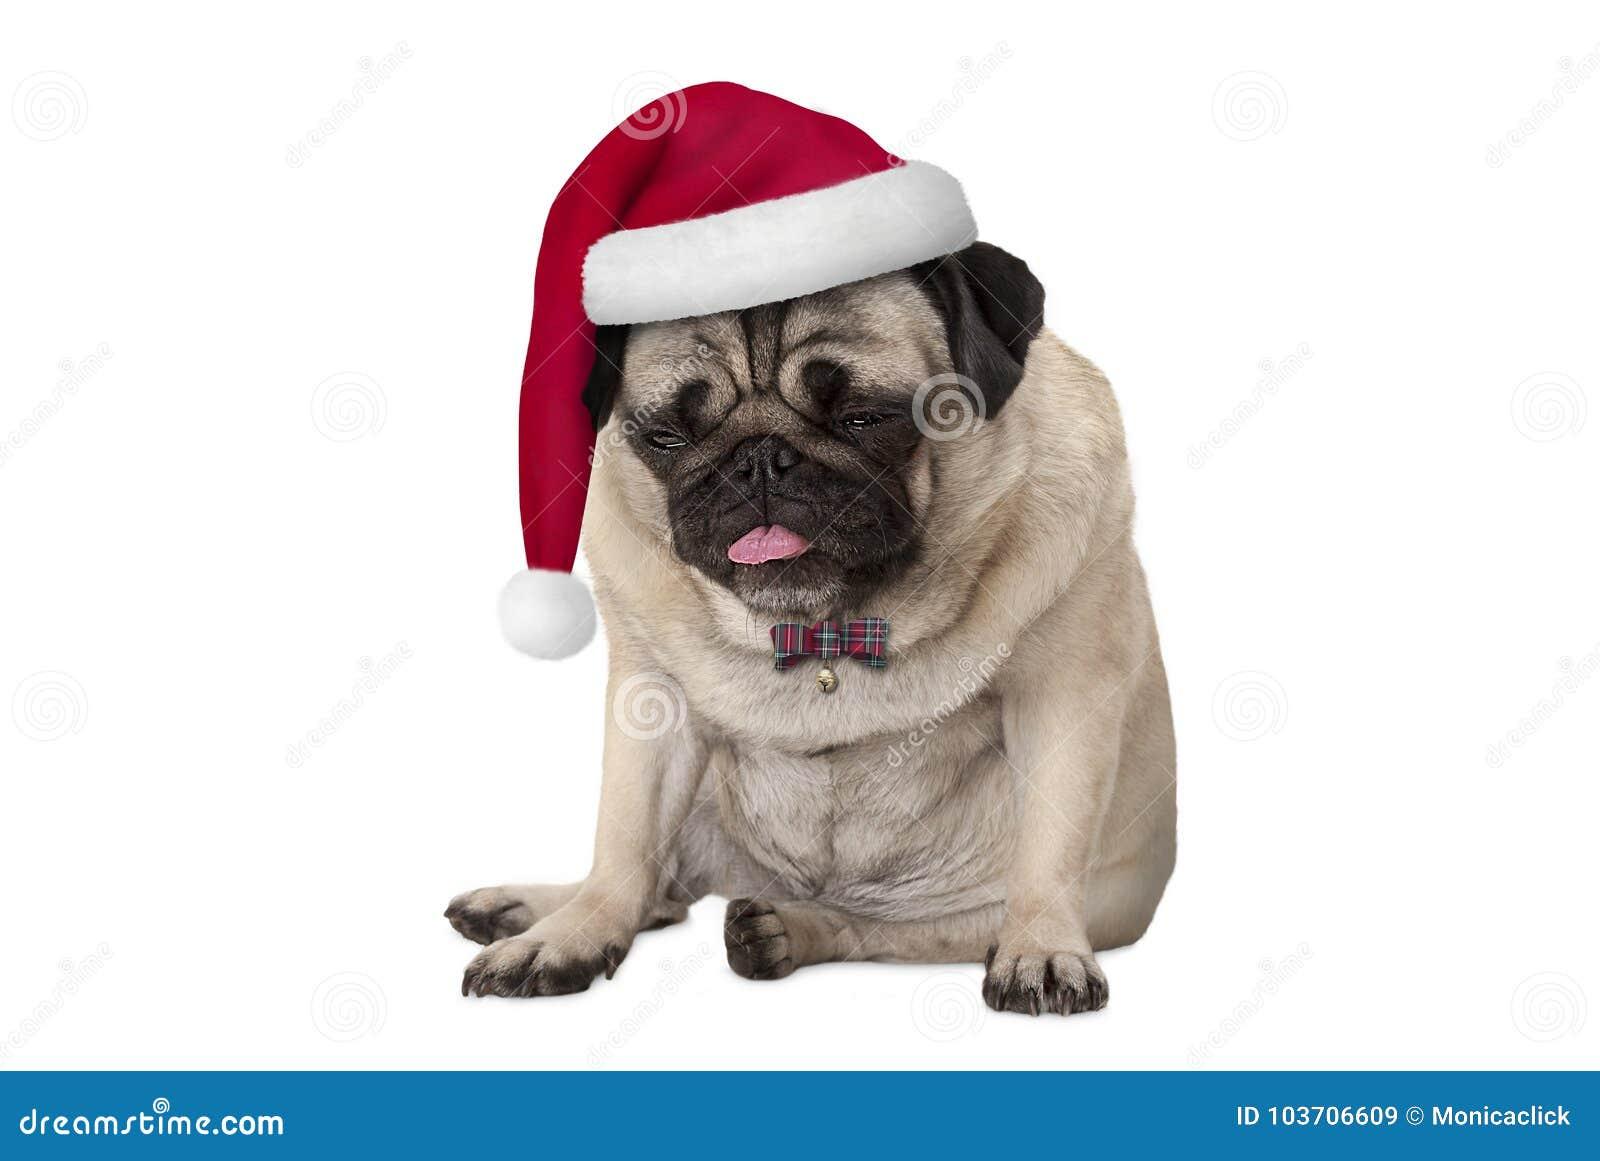 Perro de perrito hecho frente gruñón divertido del barro amasado con el sombrero rojo de santa para la Navidad que se sienta